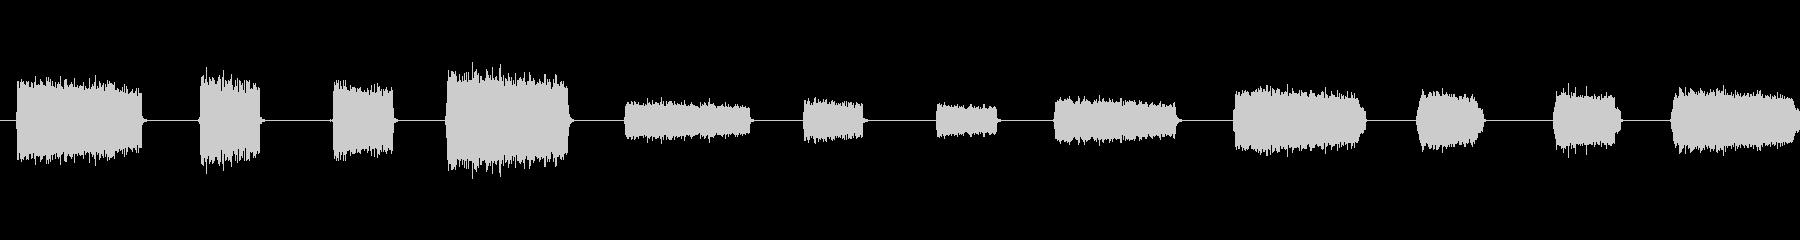 吹く空気、4バージョンX 3治療;...の未再生の波形